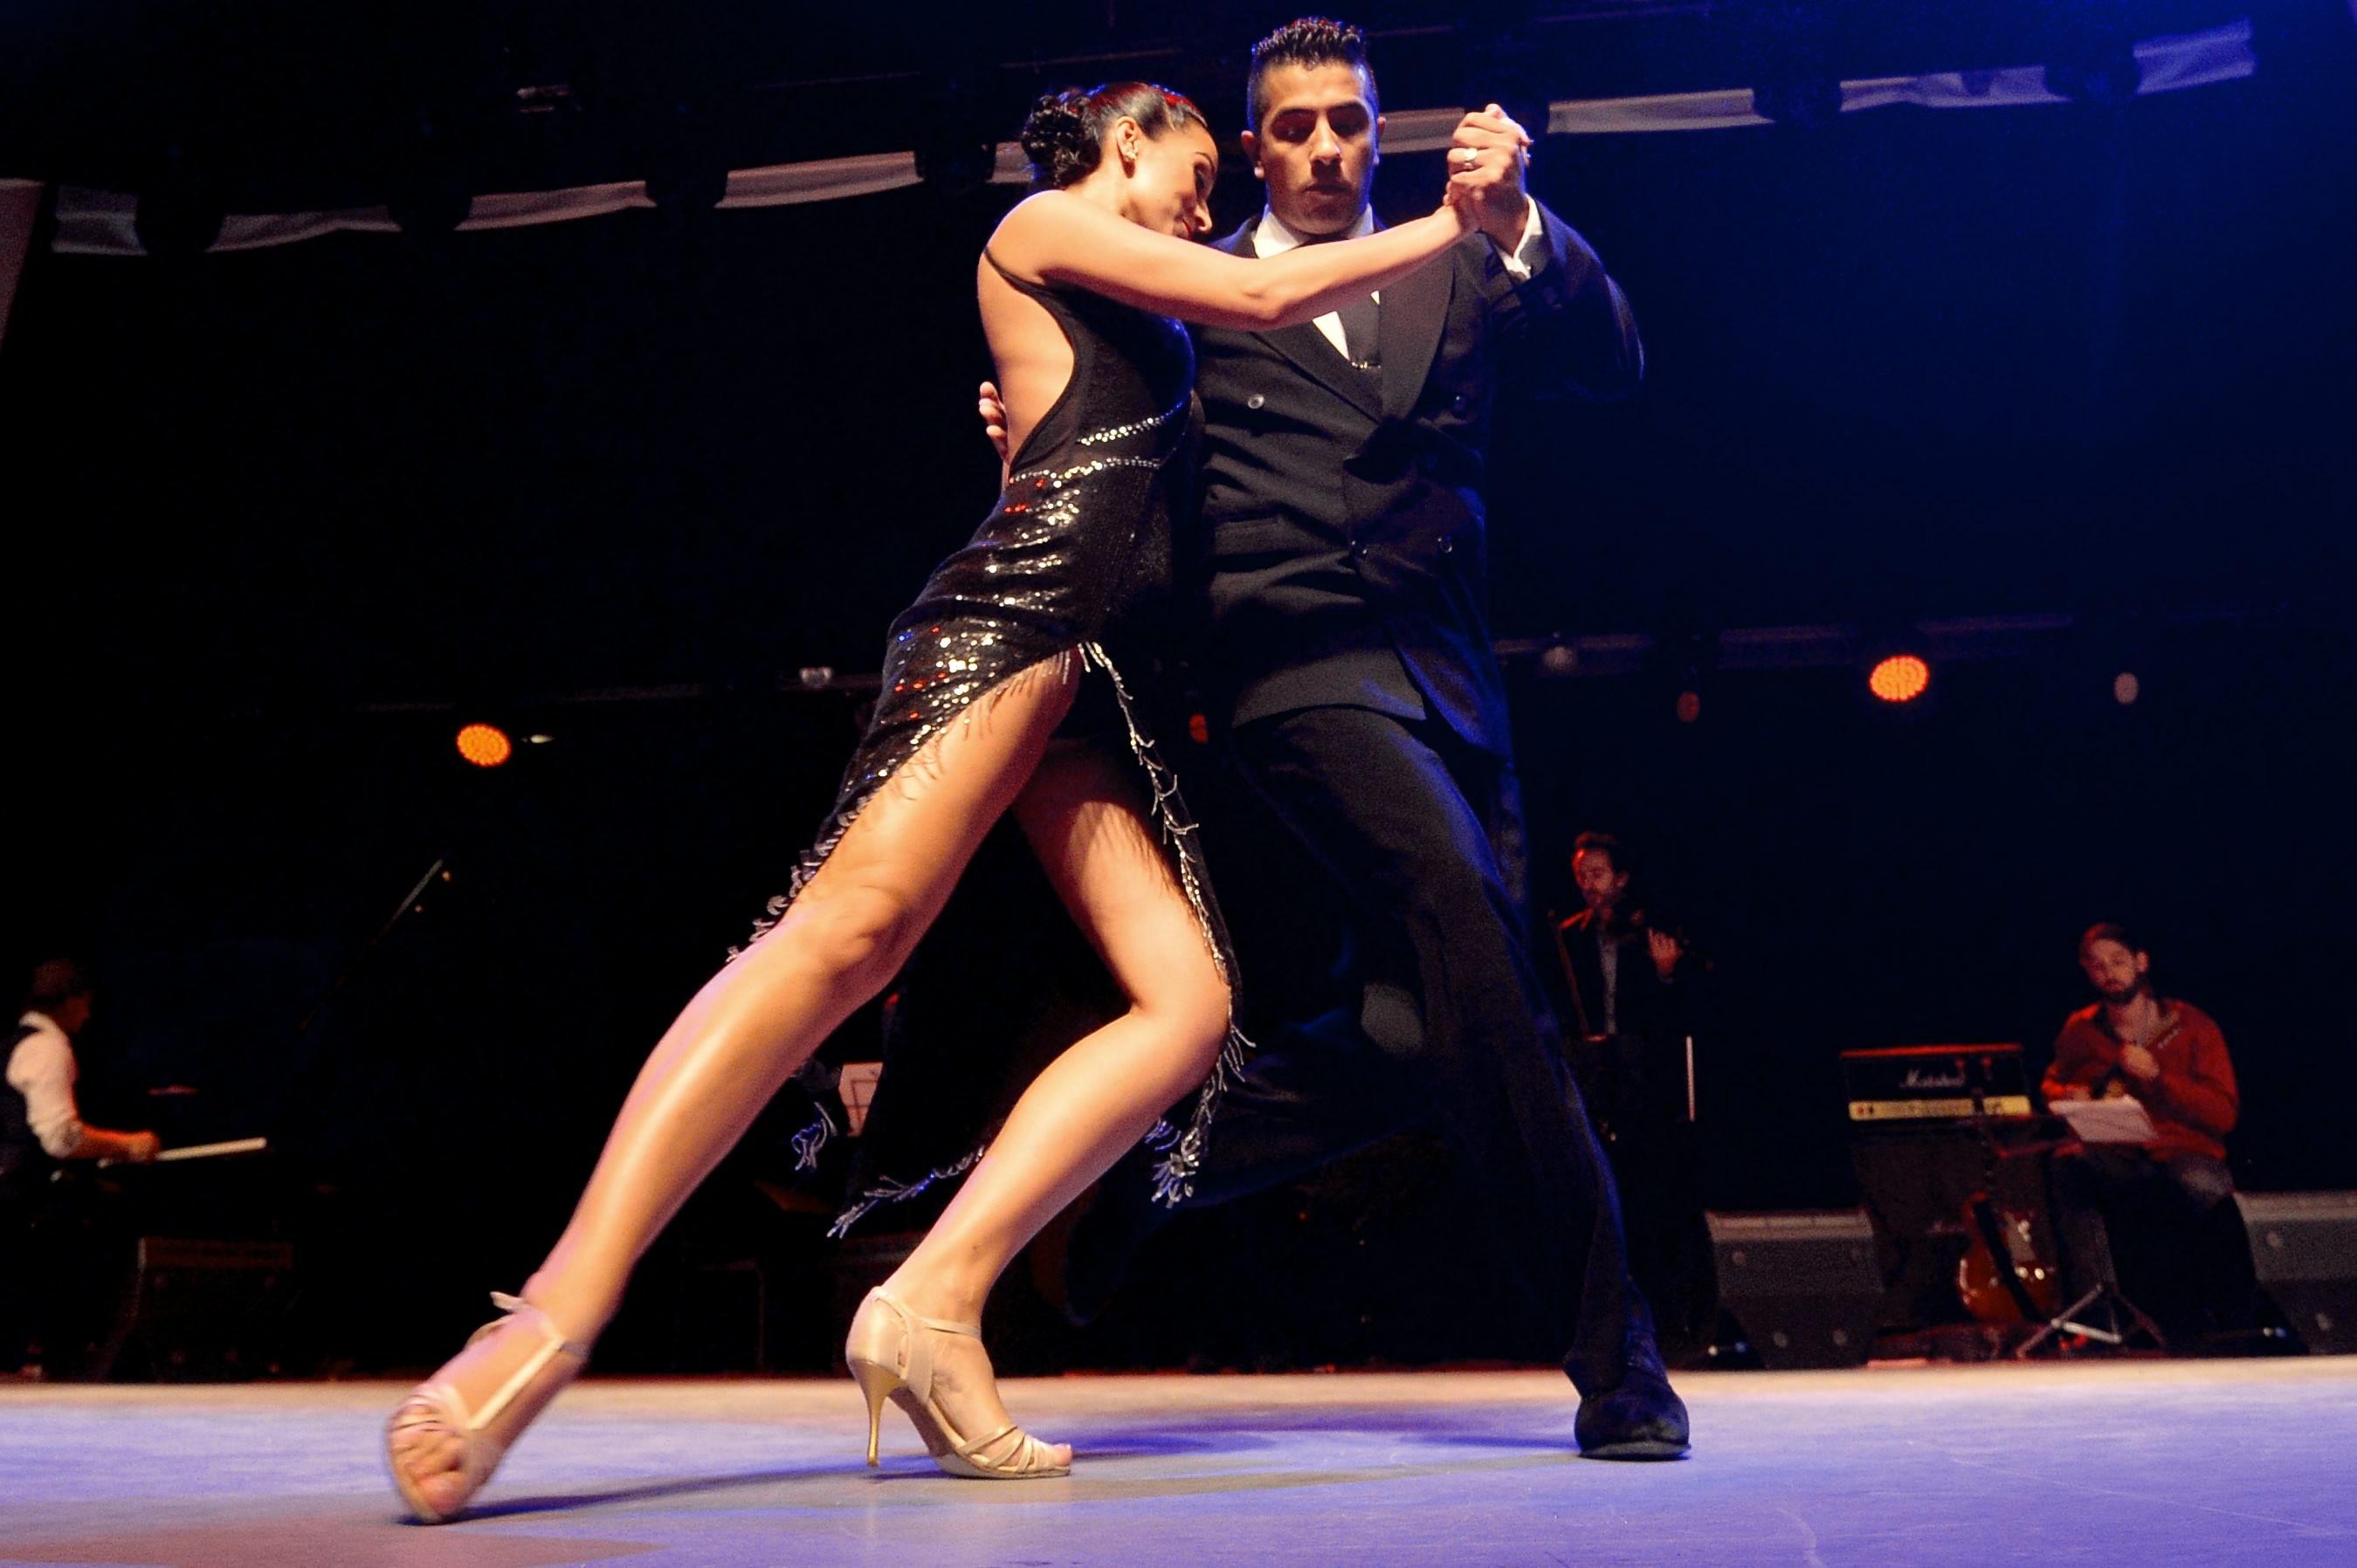 Zwei Tänzer präsentieren sich beim ersten internationalen Tango-Festival in Kasan.